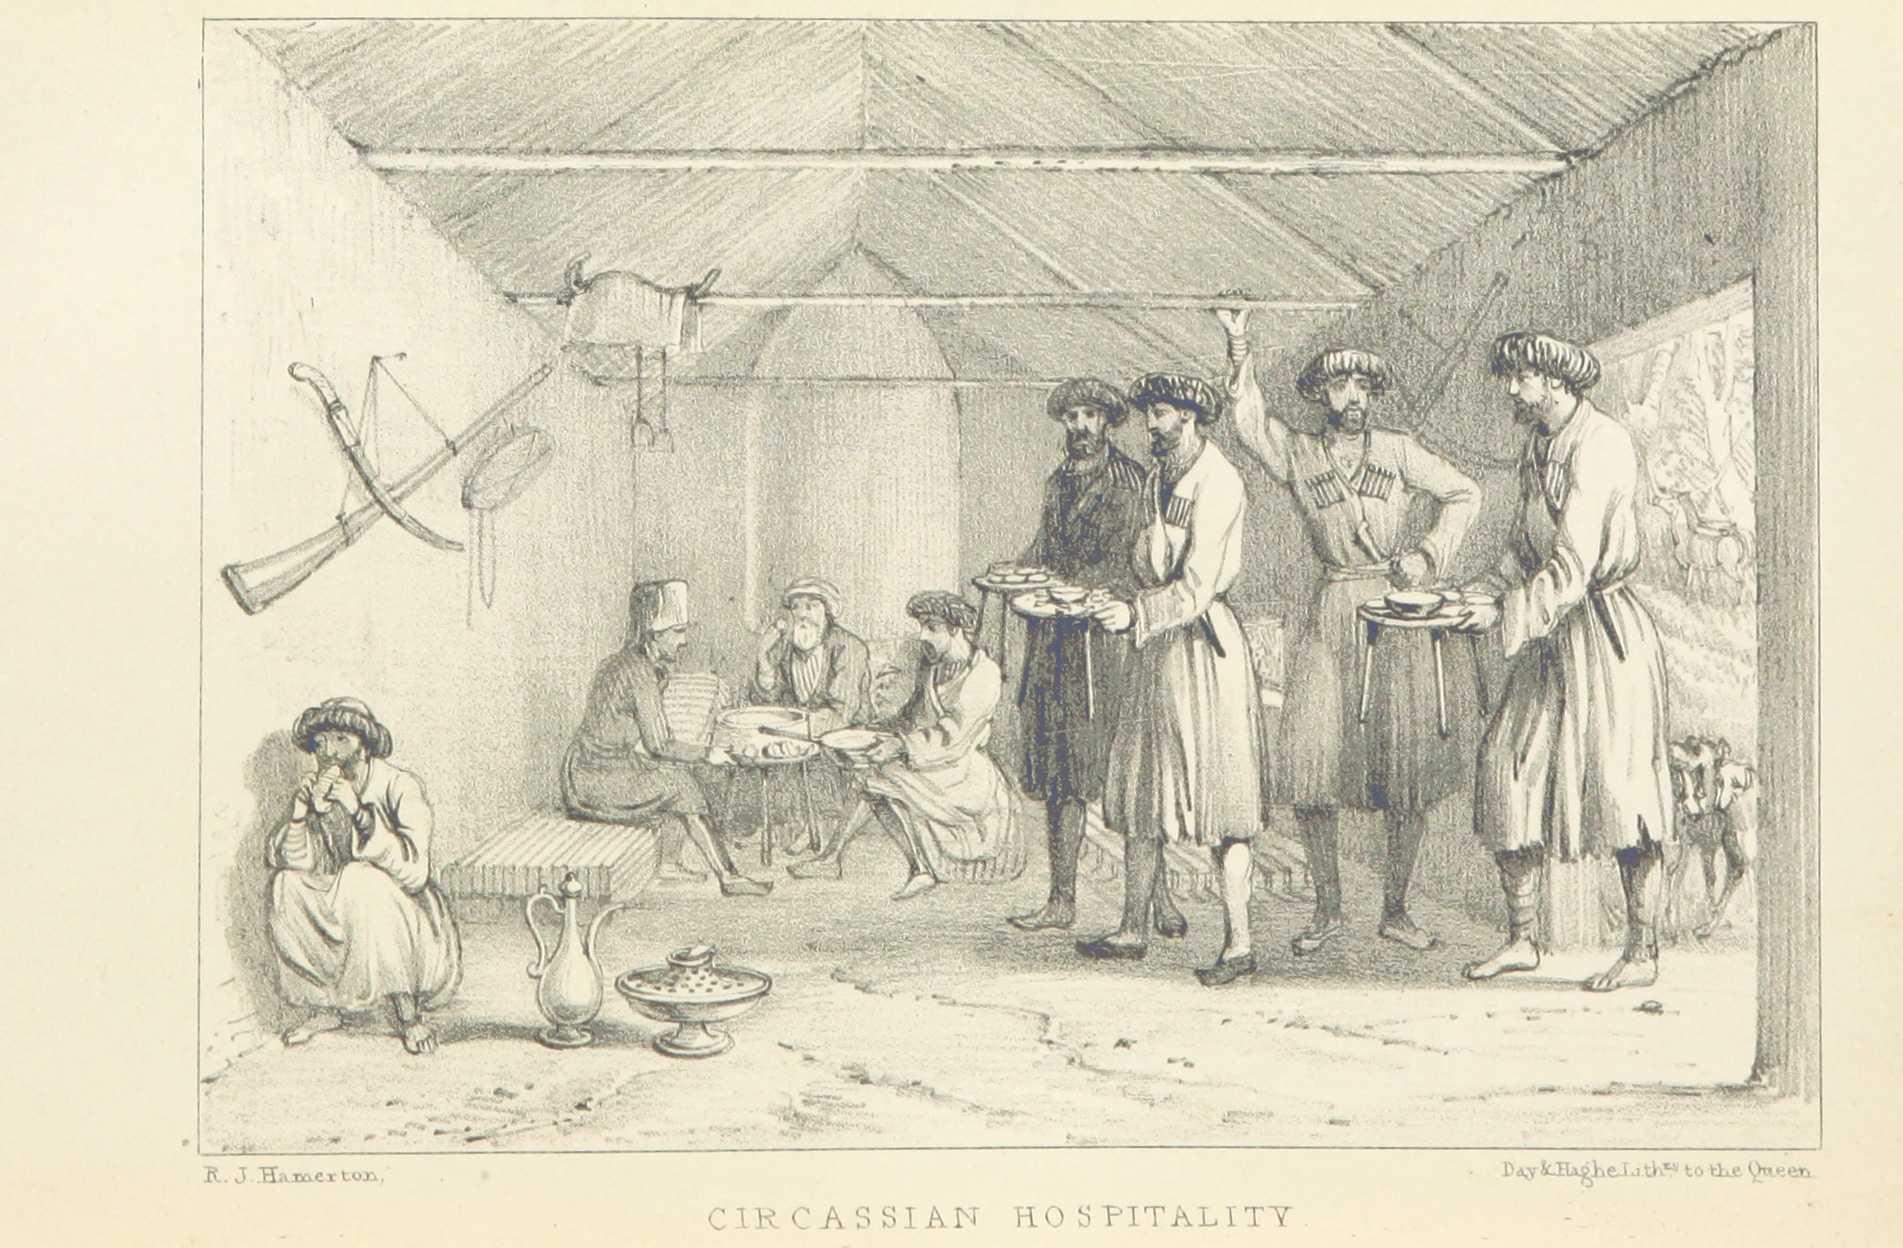 Черкессы: Проблематика происхождения черкессов